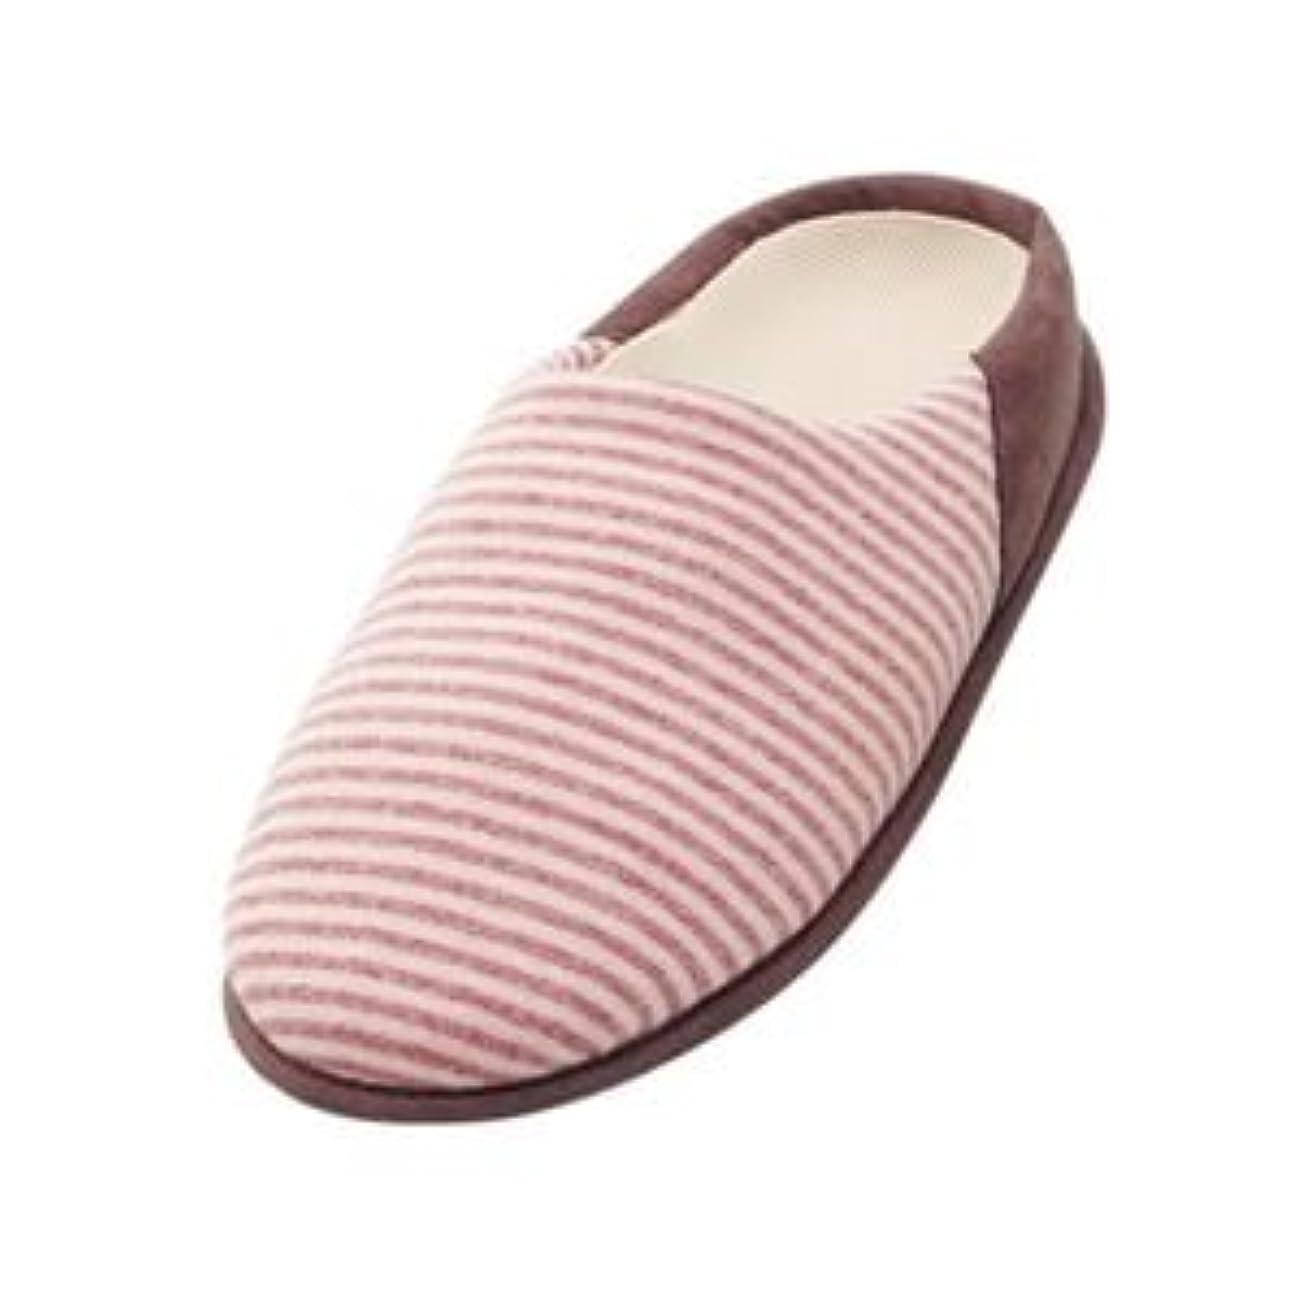 品アンソロジーレンダー介護靴 室内用 チャルパー 2223 両足 徳武産業 あゆみシリーズ /LL(25.0~26.0cm) ピンク